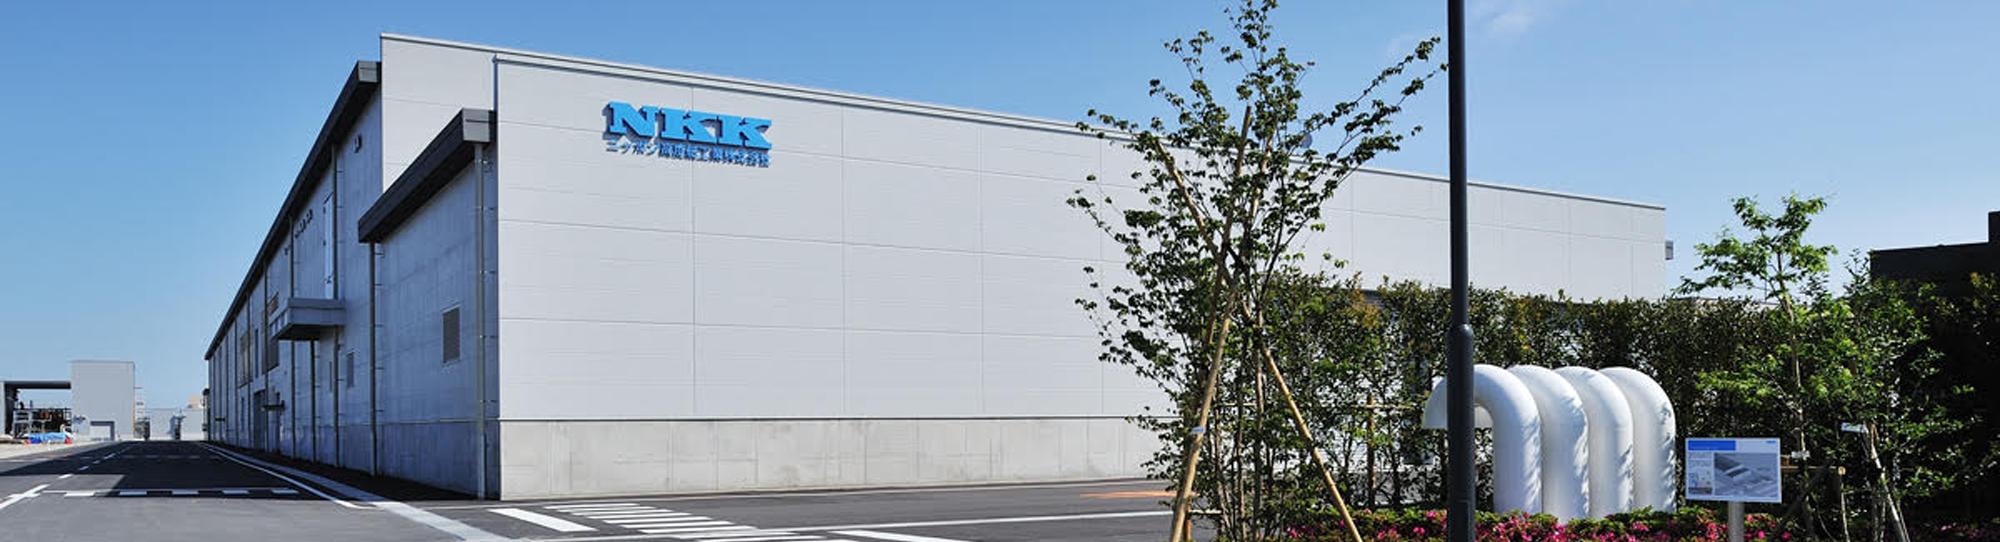 高度 工業 ニッポン 紙 ニッポン高度紙工業 (3891)